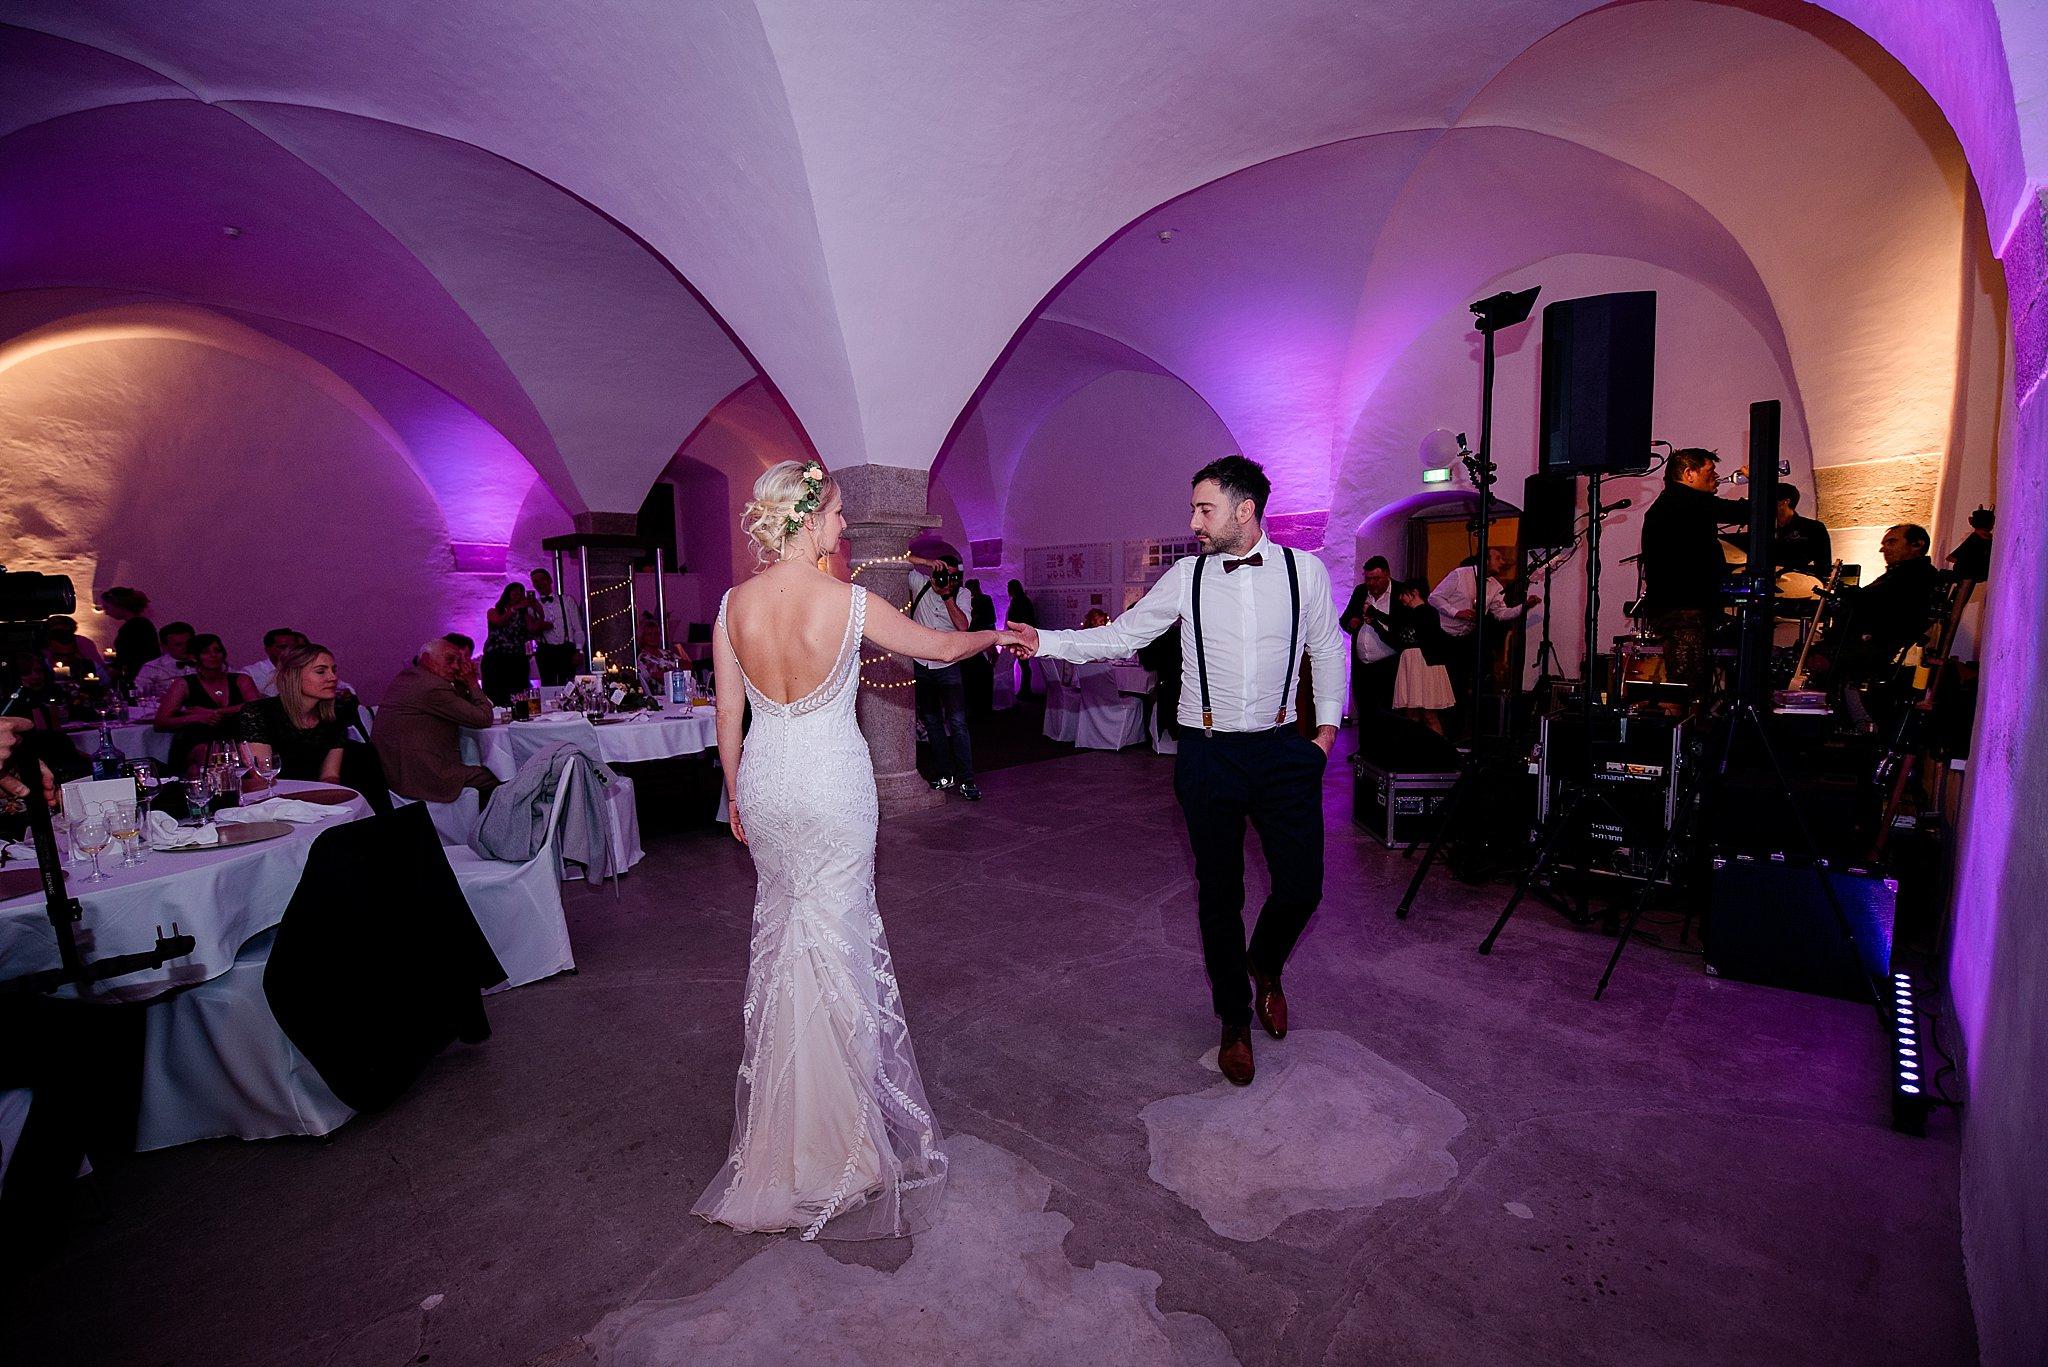 Hochzeit-von-Marina-Dominik-auf-Burg-Wernberg-und-Schloss-Friedrichsburg-00048